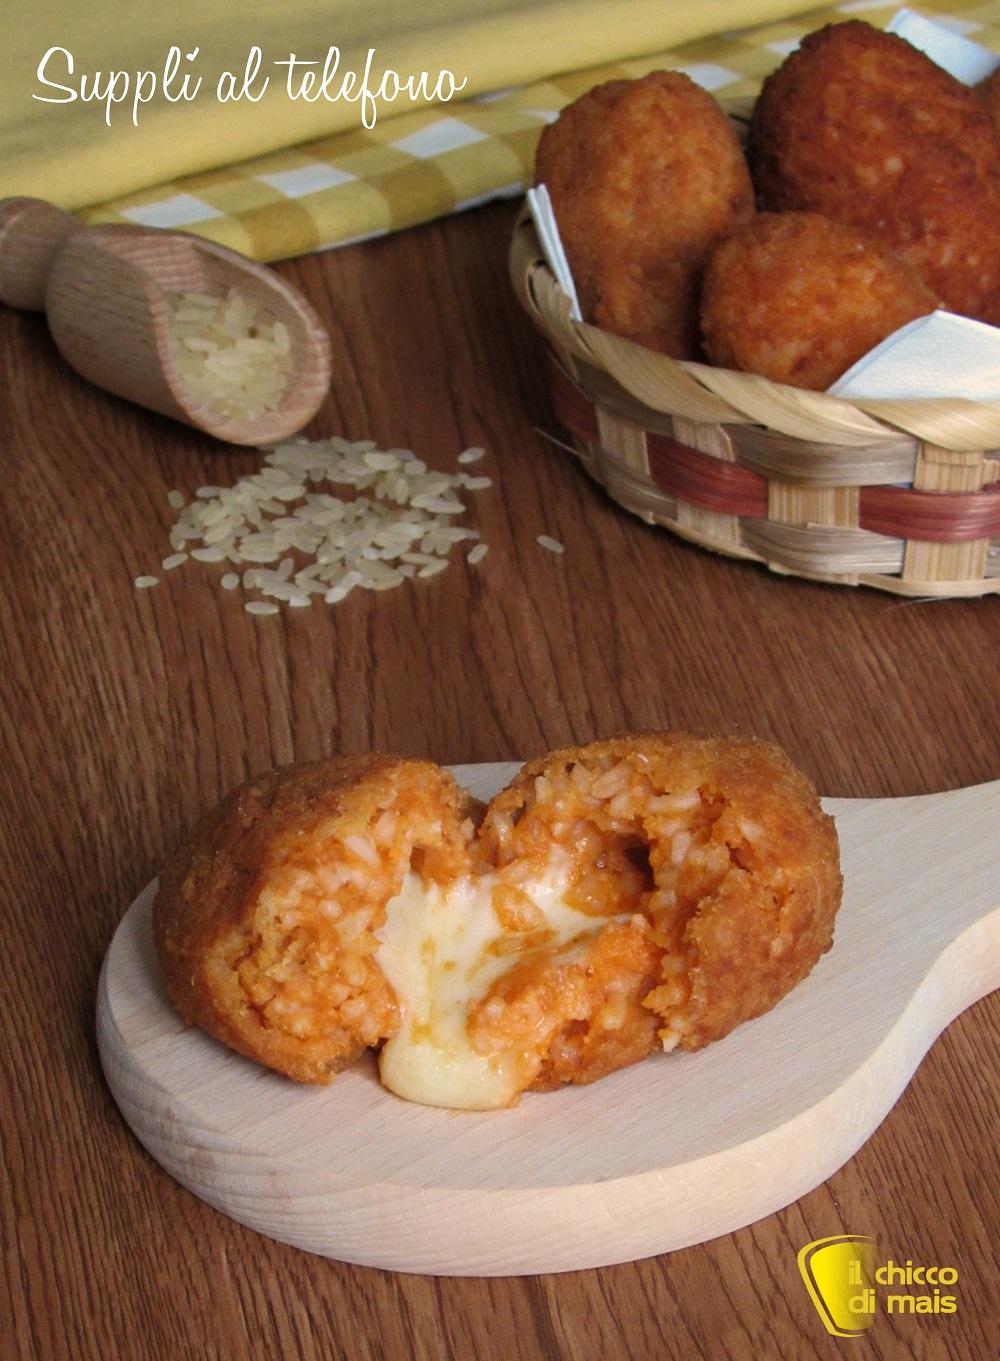 verticale Supplì al telefono con pomodoro e mozzarella ricetta originale romana crocchette di riso con mozzarella filante il chicco di mais